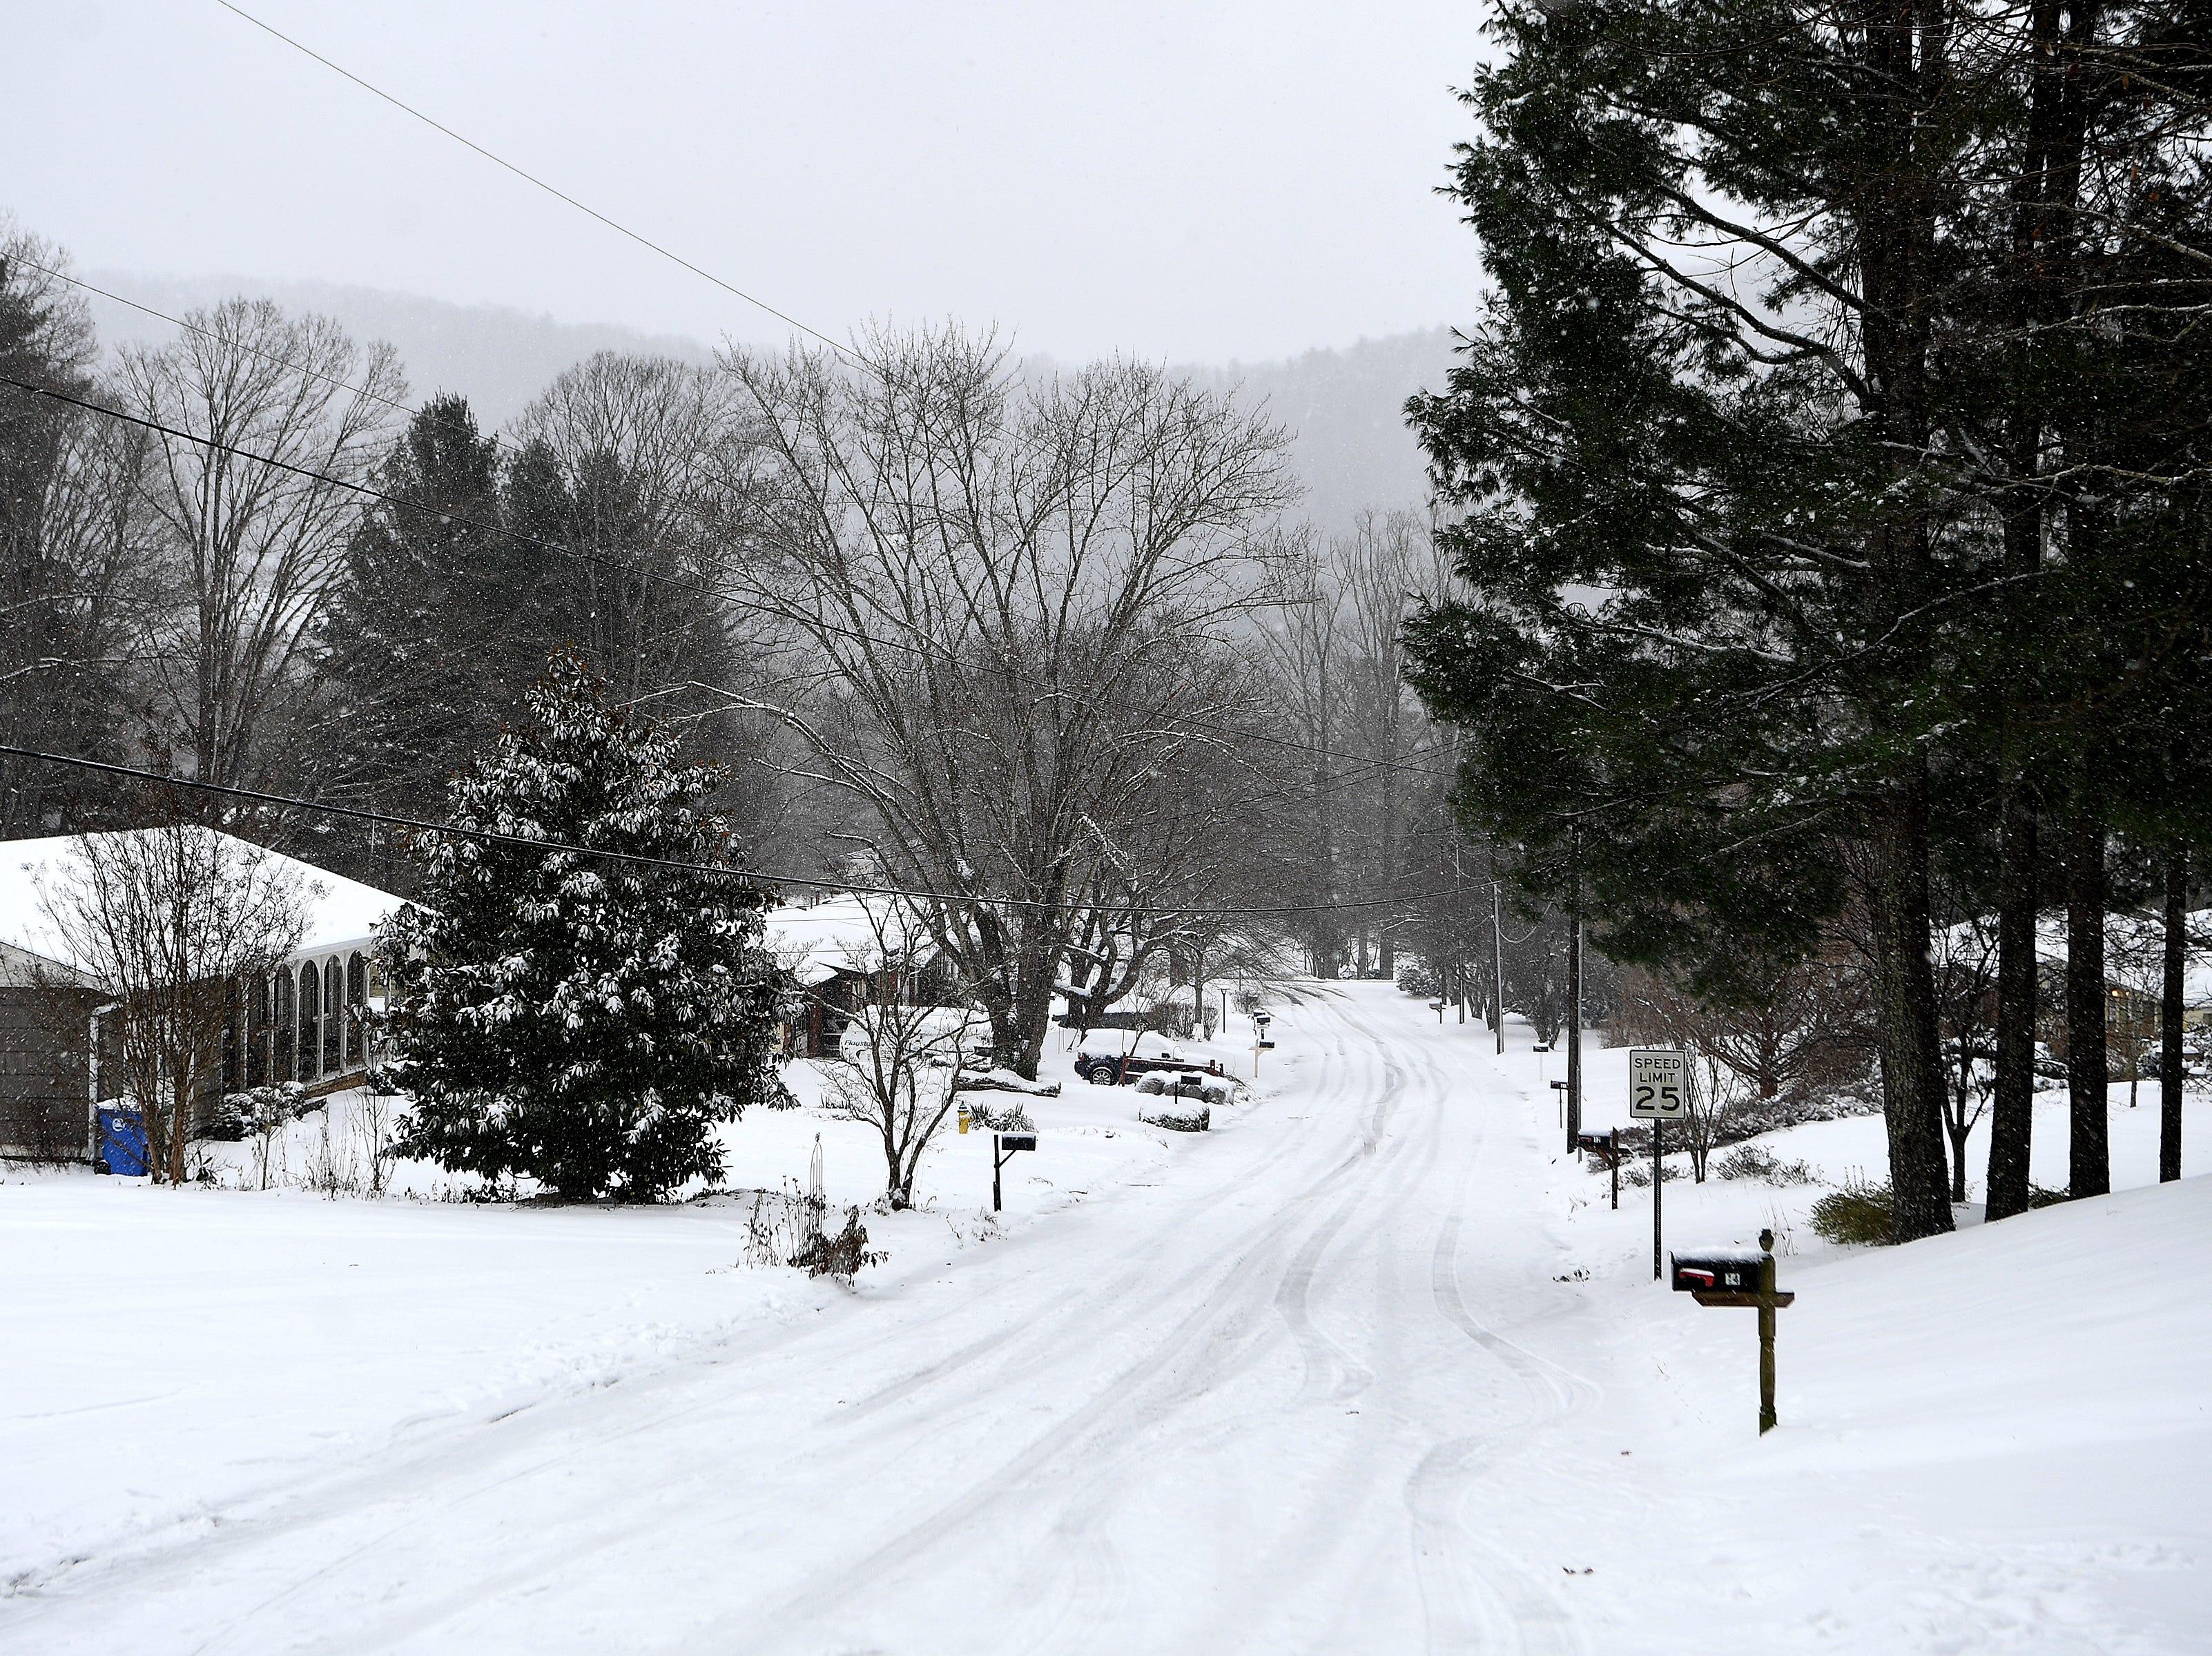 A snowy scene in Haw Creek on Dec. 9, 2018.